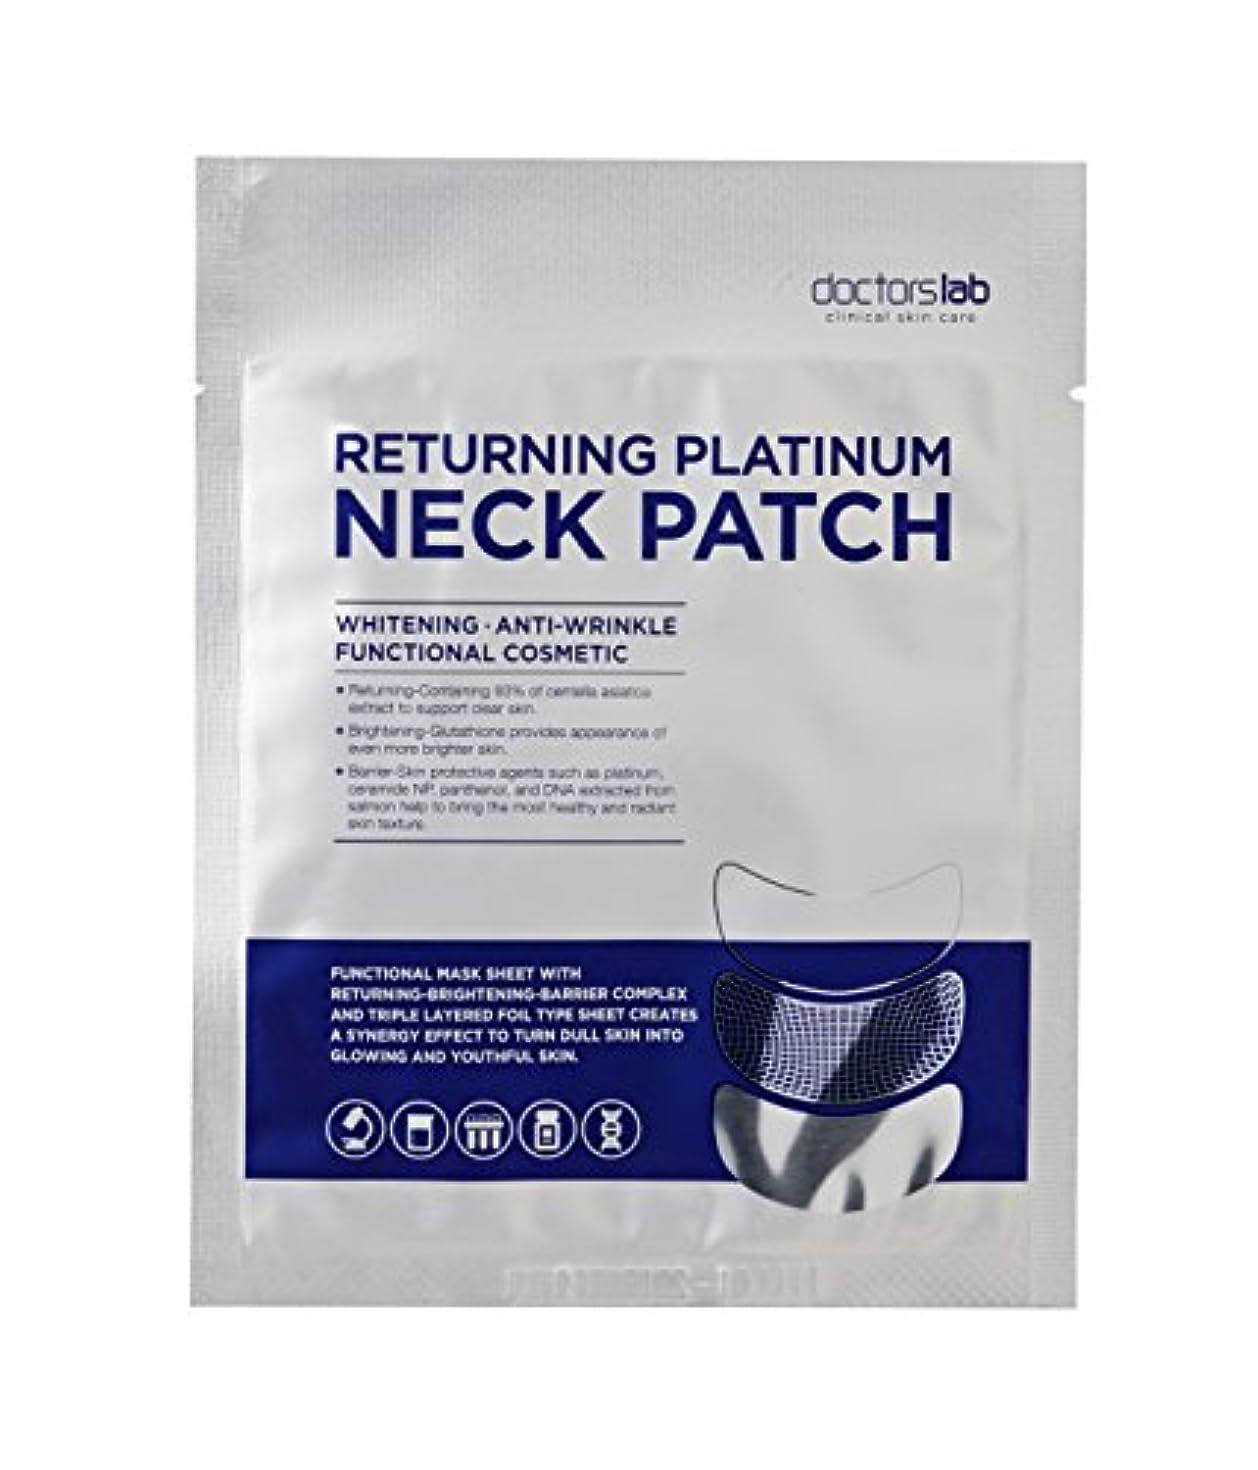 マチュピチュグラディスアボートDoctor's Lab Clinical Skin Care 戻るプラチナネックパッチ 4本/箱